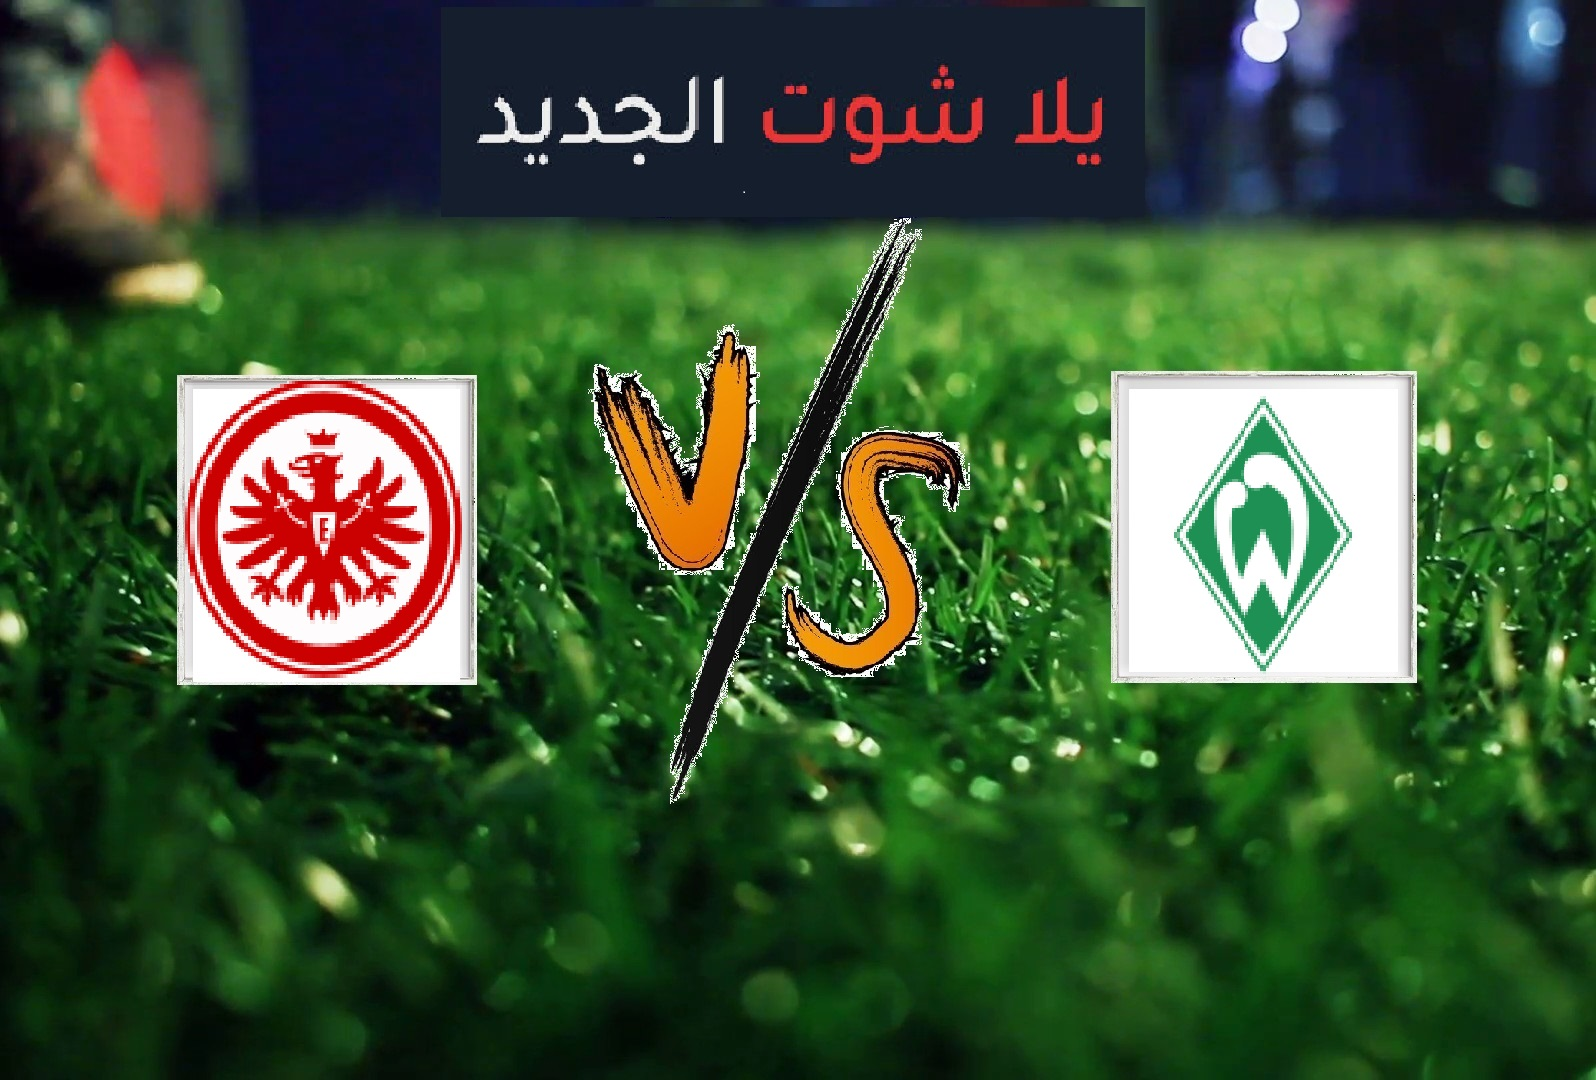 نتيجة مباراة فيردر بريمن وآينتراخت فرانكفورت اليوم الأربعاء بتاريخ 03-06-2020 الدوري الالماني